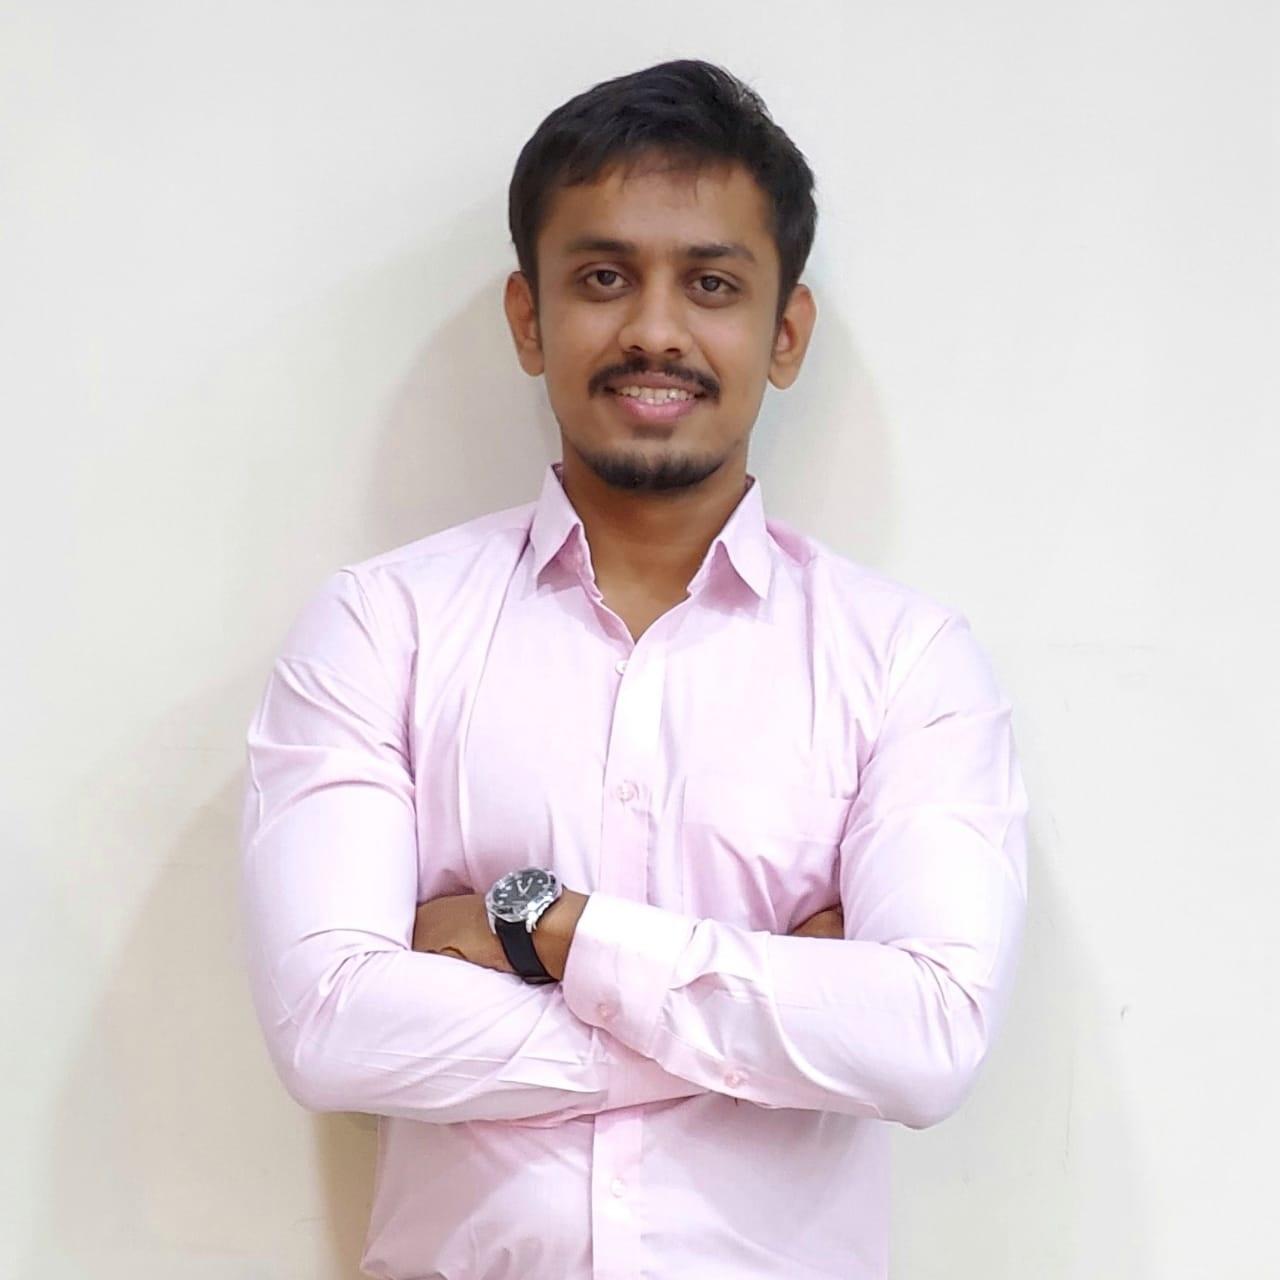 Milind Prajapati